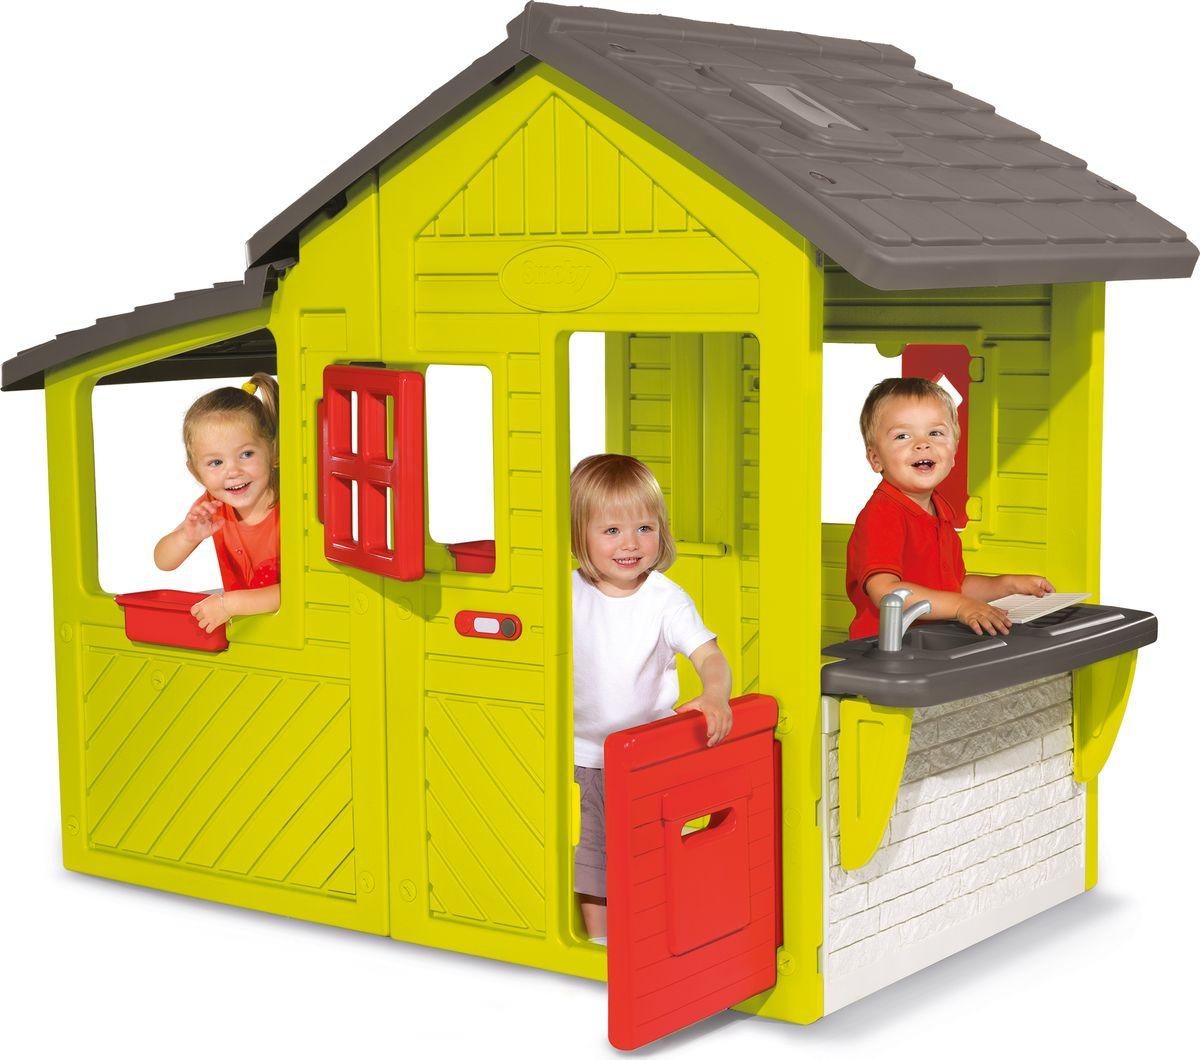 Игровой домик Smoby Outdoor Домик садовода со звонком, 310300, мультиколор, 185 х 109 х 148 см цена